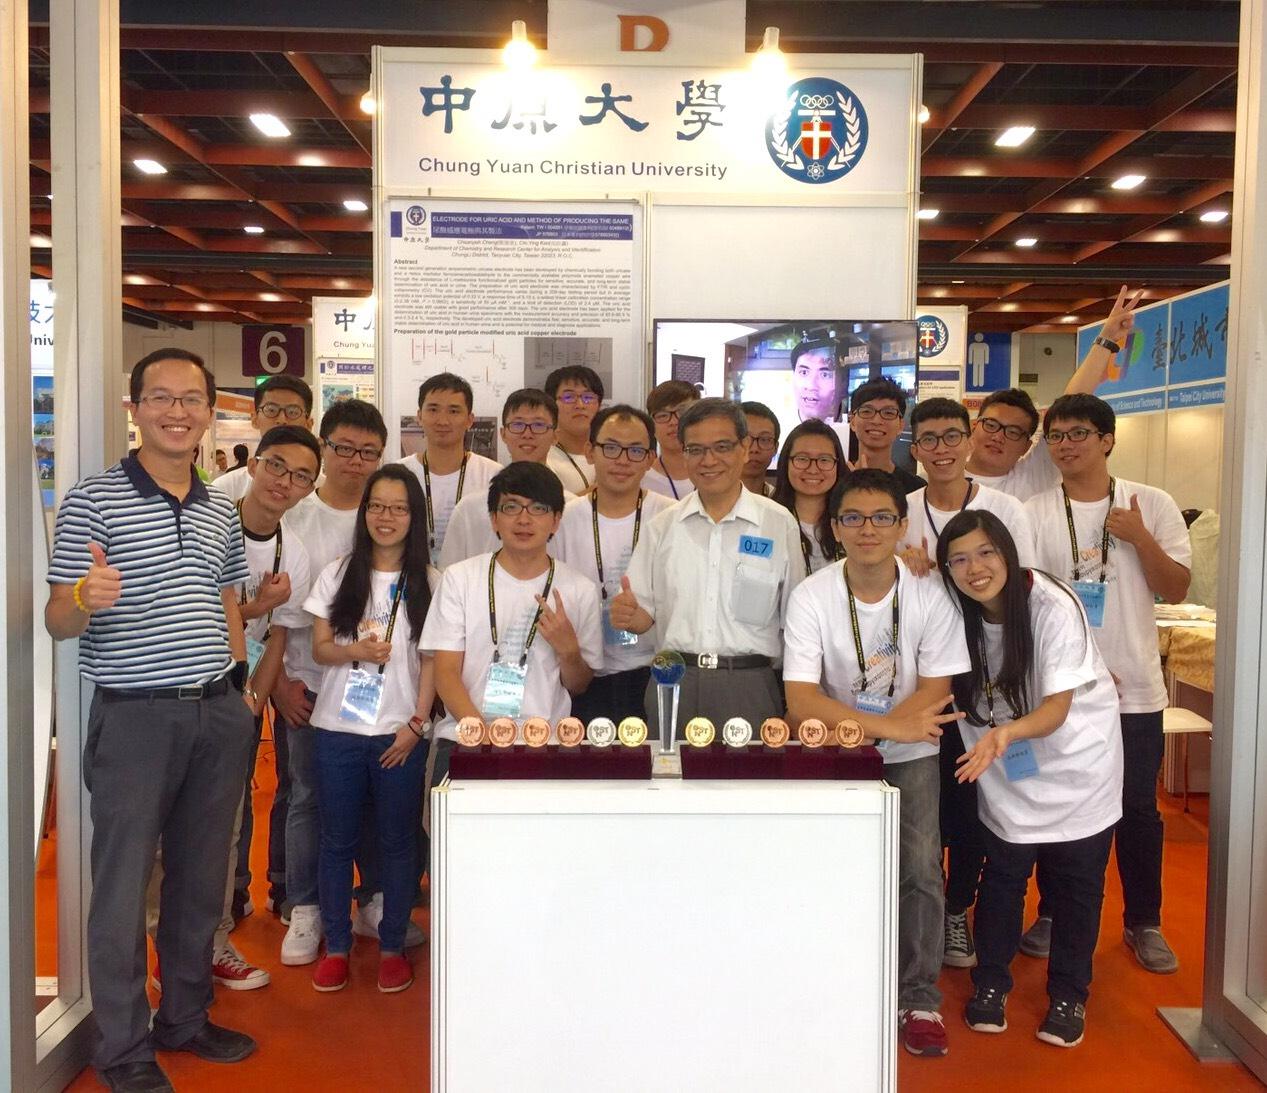 台北國際發明展 中原大學連續2年榮獲鉑金獎